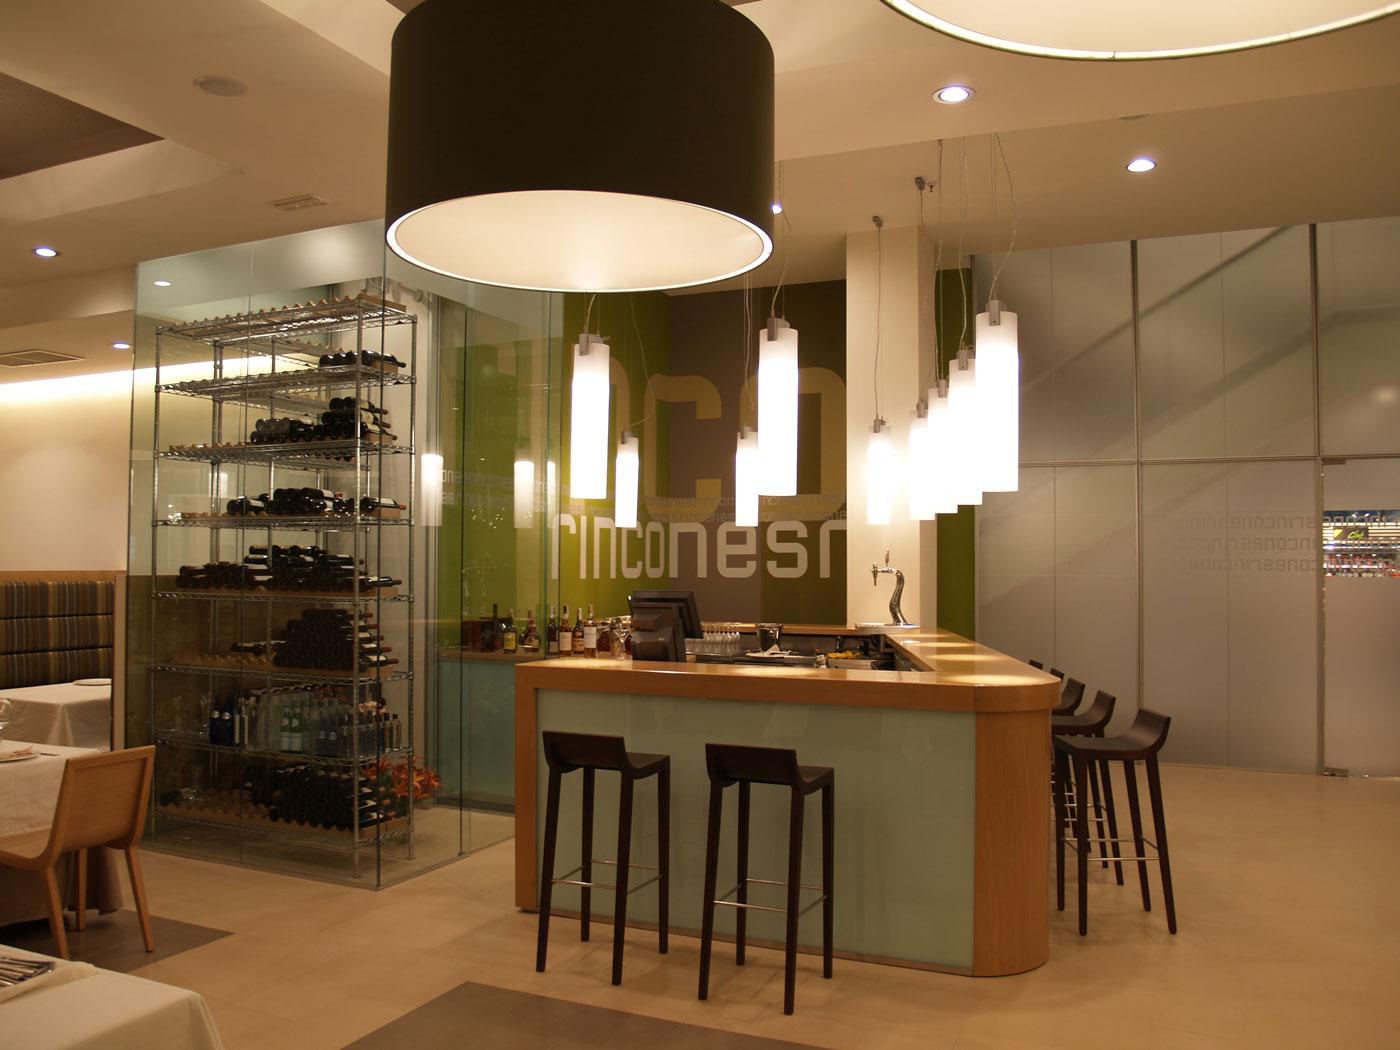 equipotres14, carpinteria, ebanisteria, mobiliario de diseño, mobiliario para hosteleria, muebles a medida, mesas, sillas y contract